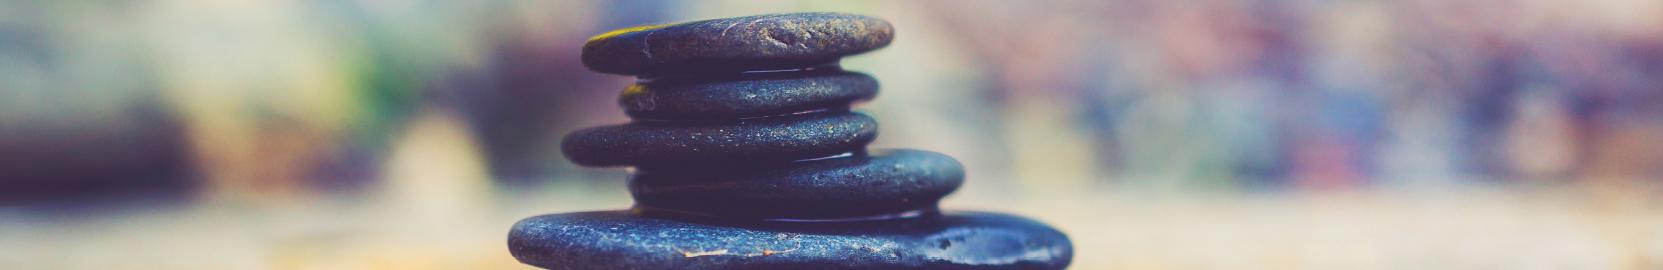 Slider cálculos renales, arenilla, piedras